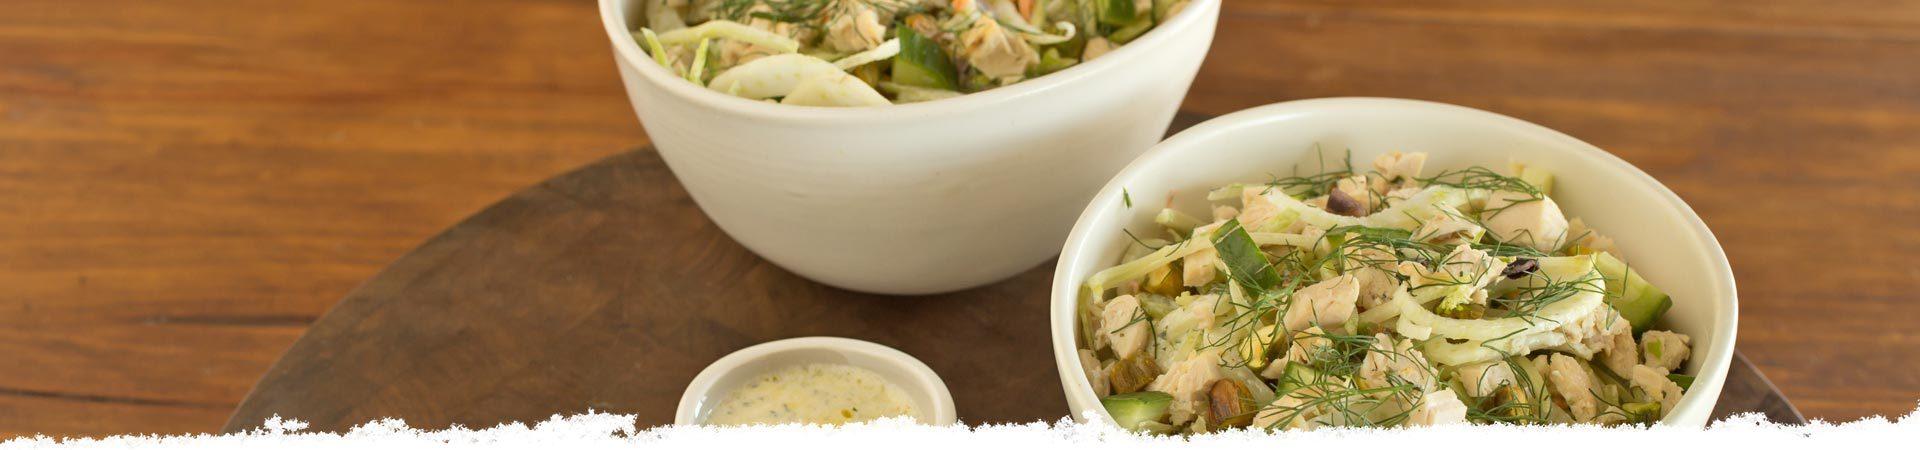 Crunchy, Creamy Super Slaw Salad